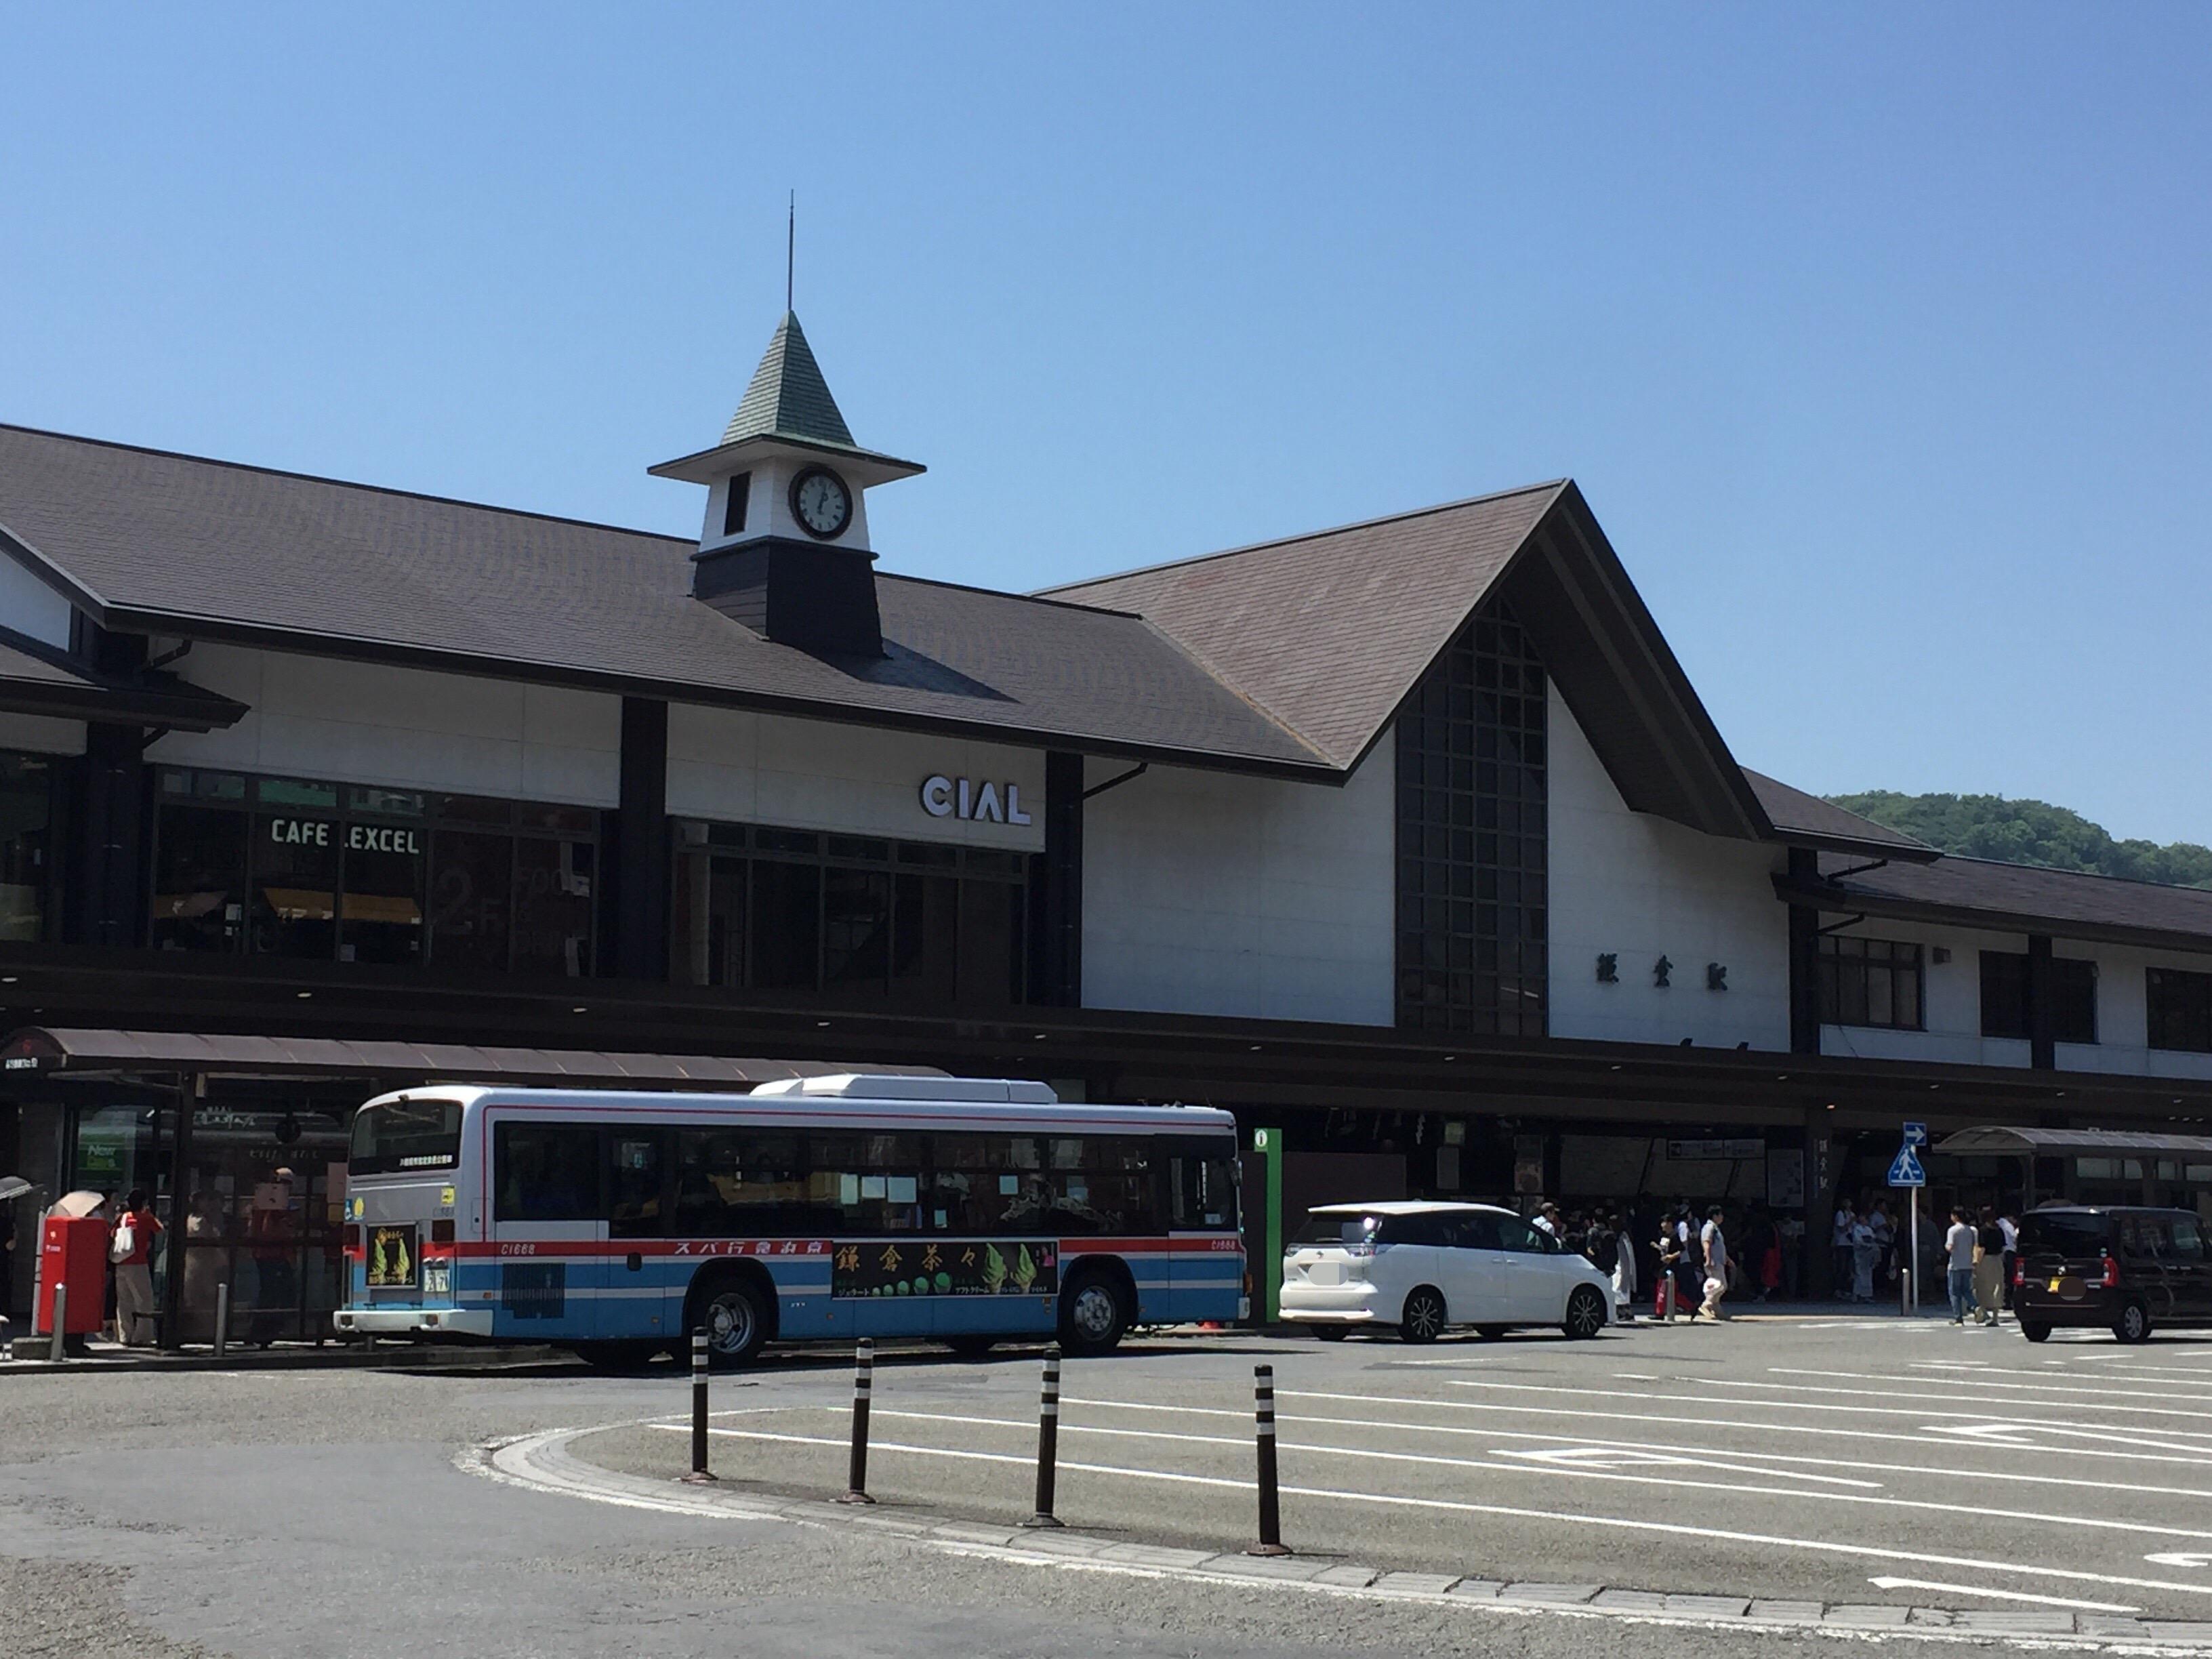 鎌倉市 小町 JR横須賀線 鎌倉駅